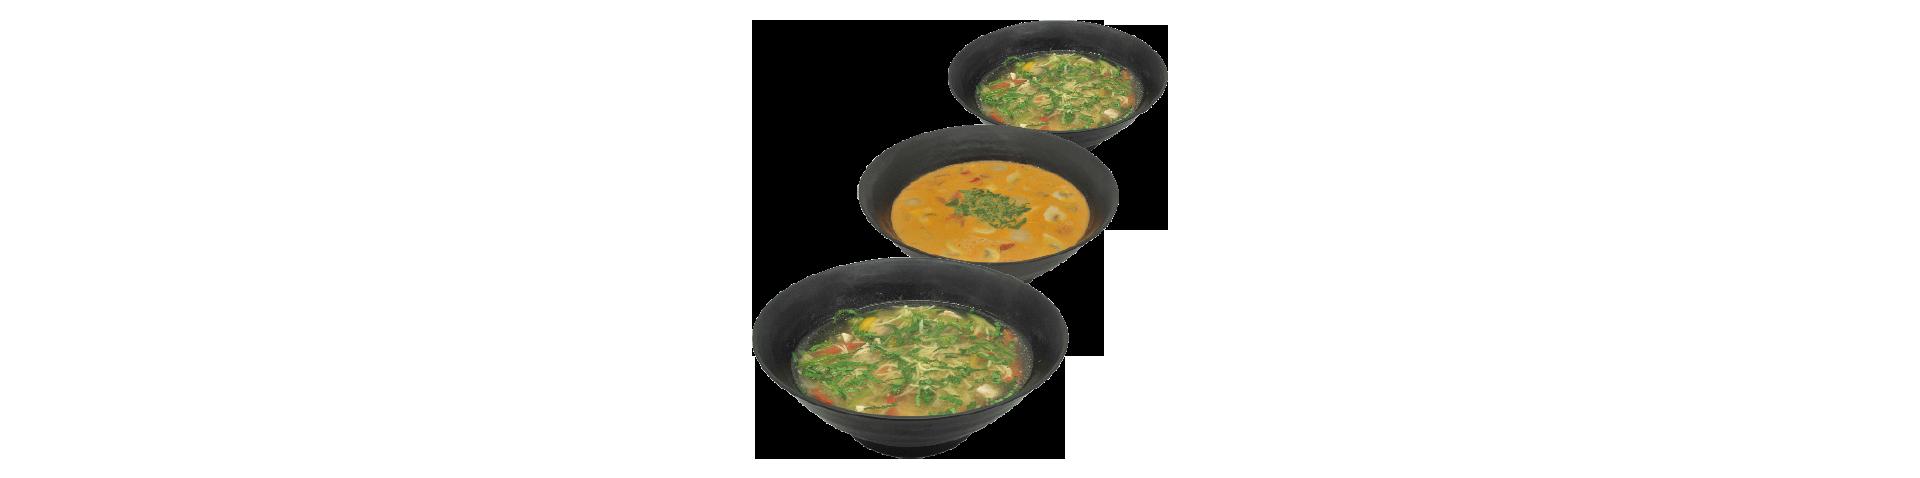 XL-Suppen